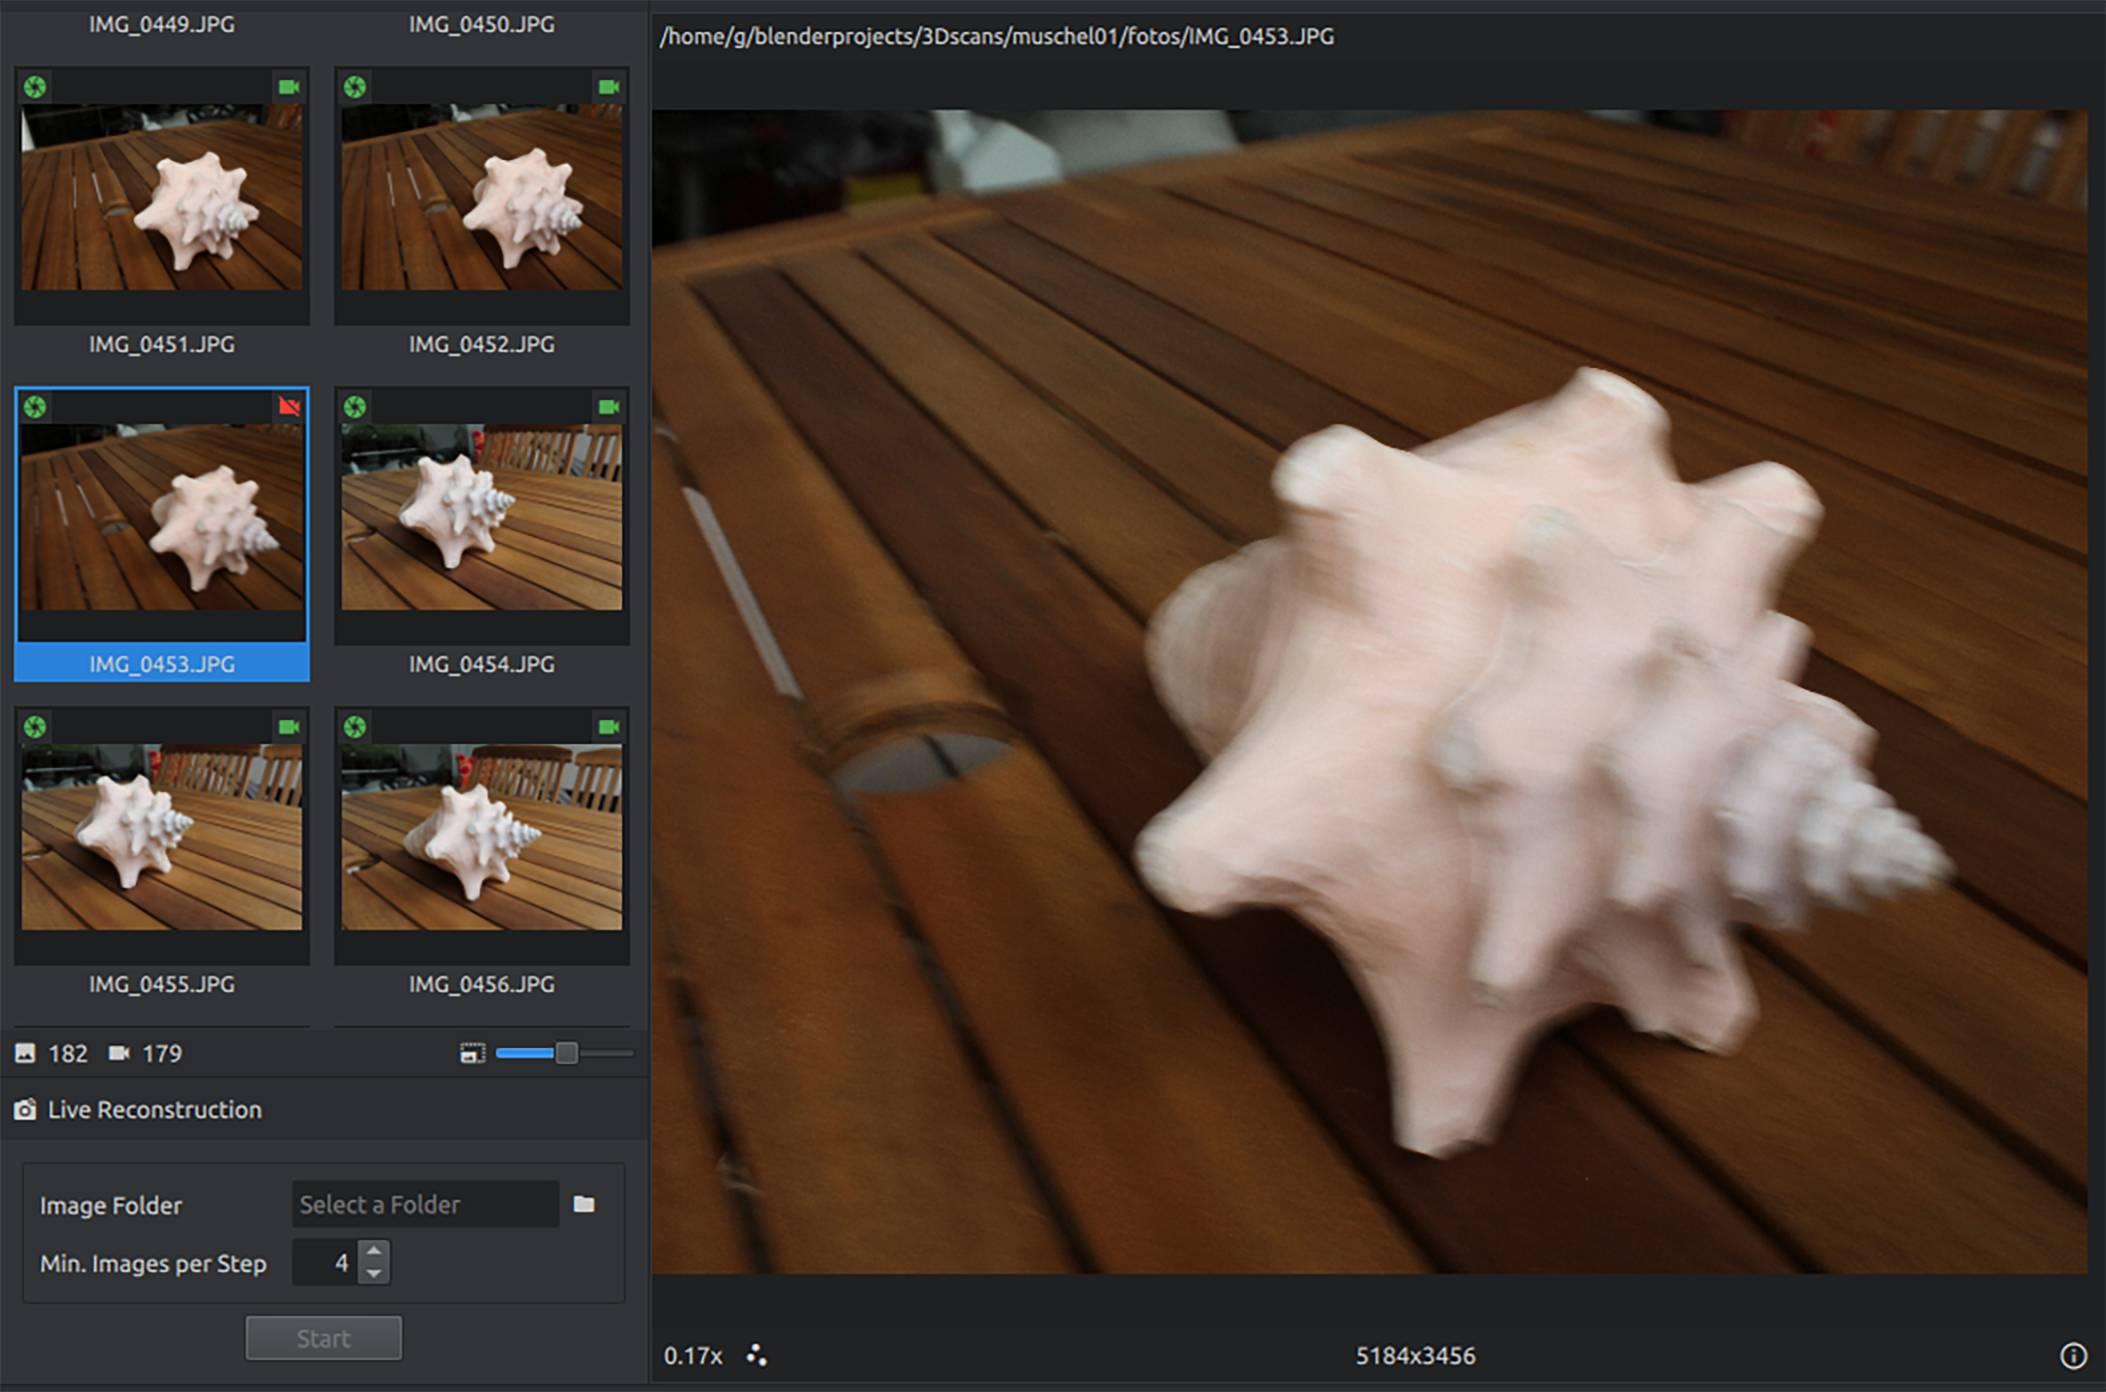 mislukte foto 3D-model Meshroom